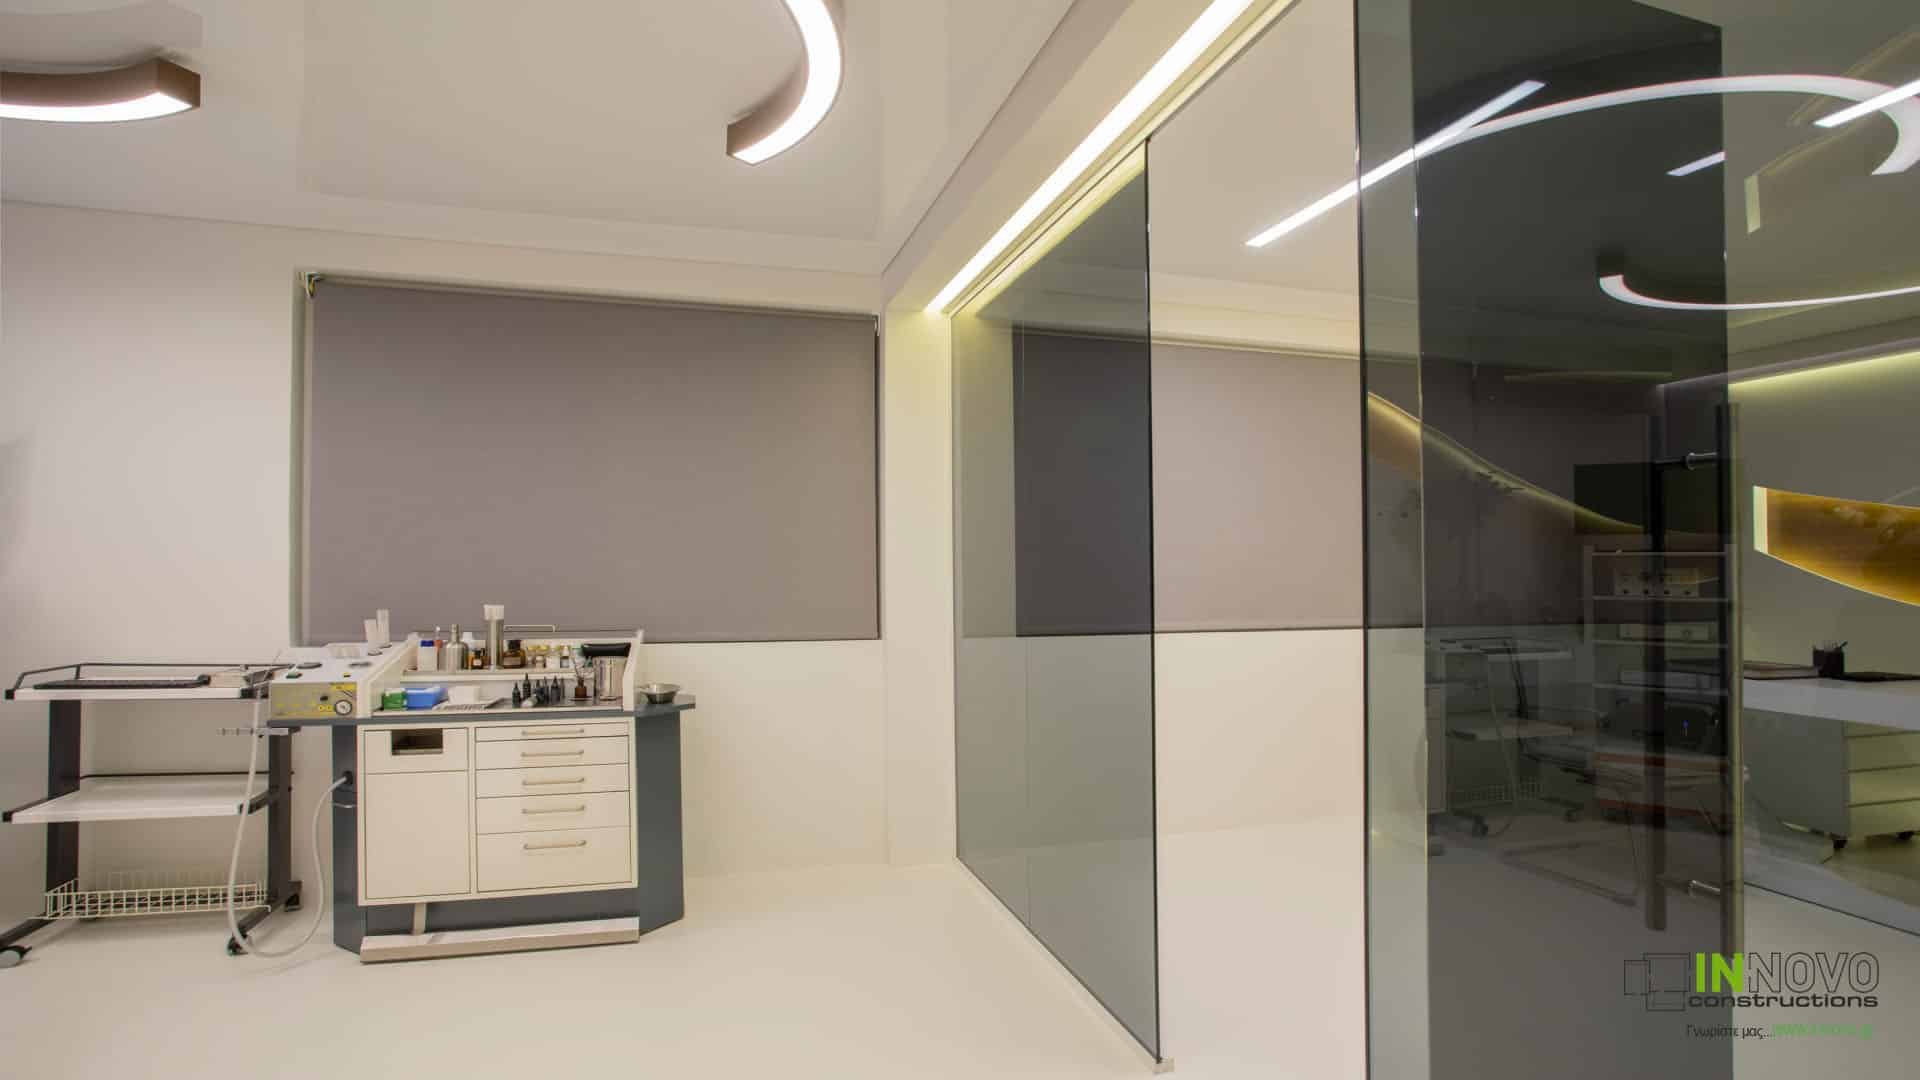 2607-κατασκευη-ωρλ-παλληνh-otolaryngologist-clinic-construstion-23